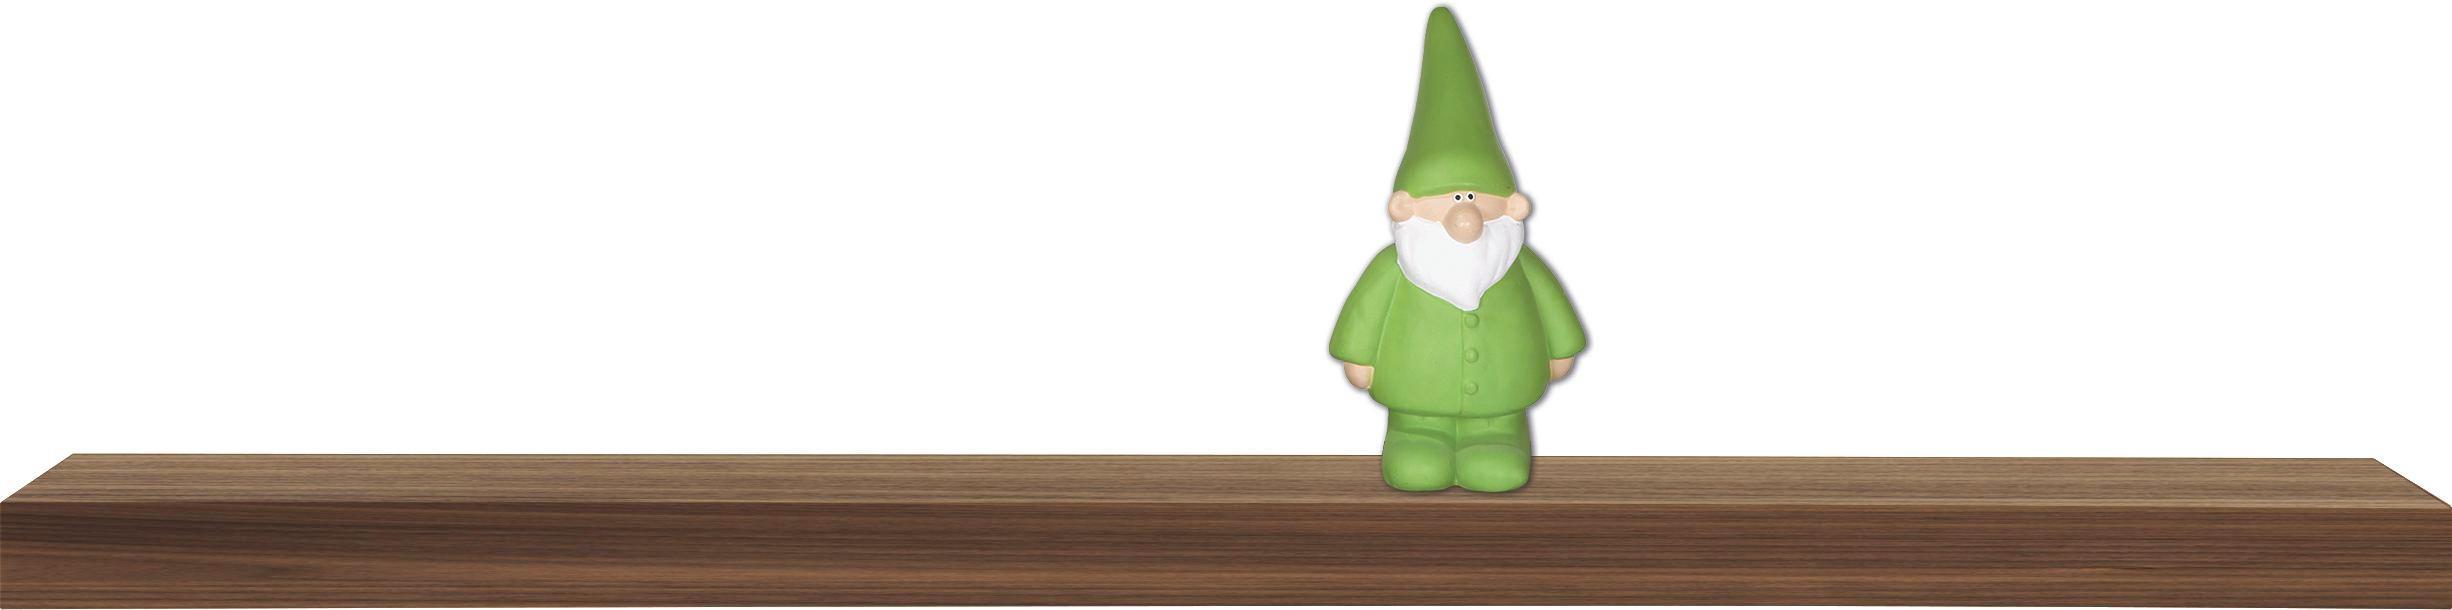 Wandboard holz fabulous fabulous finest medium size of kuchen wandregal holz weiss hausliche - Kuchen wandregal ...